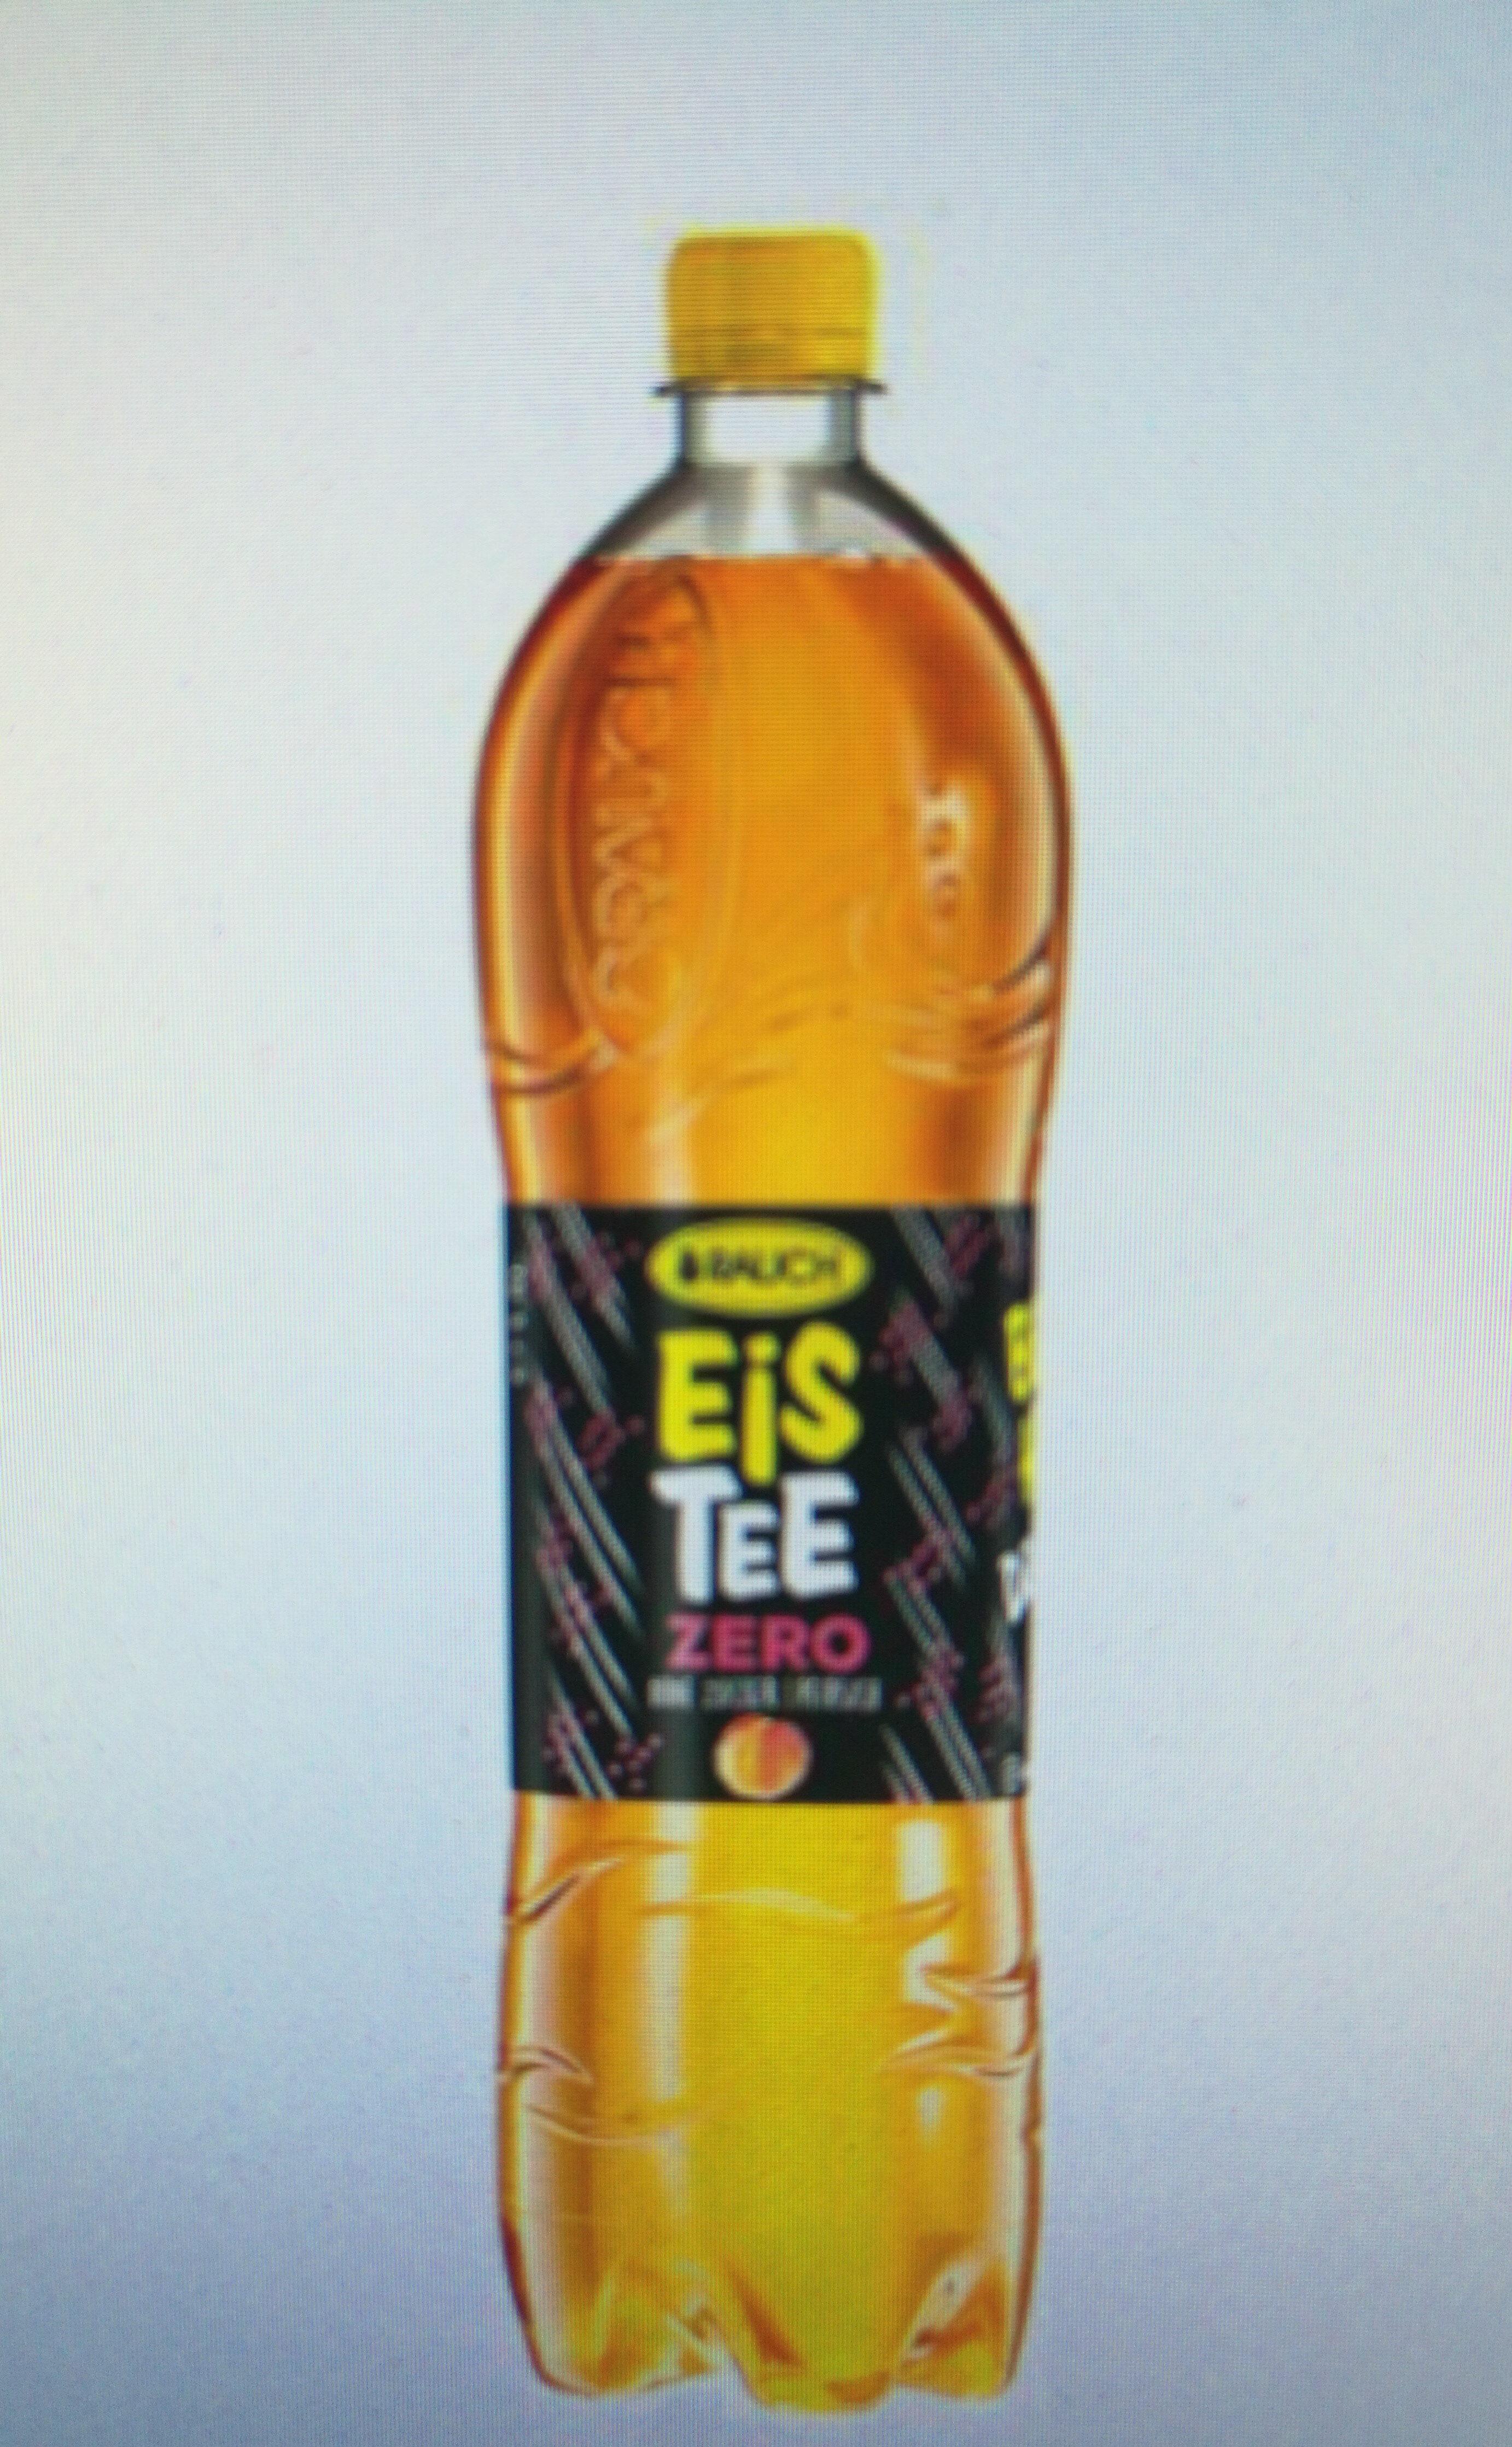 Eistee Pfirsich Zero - Product